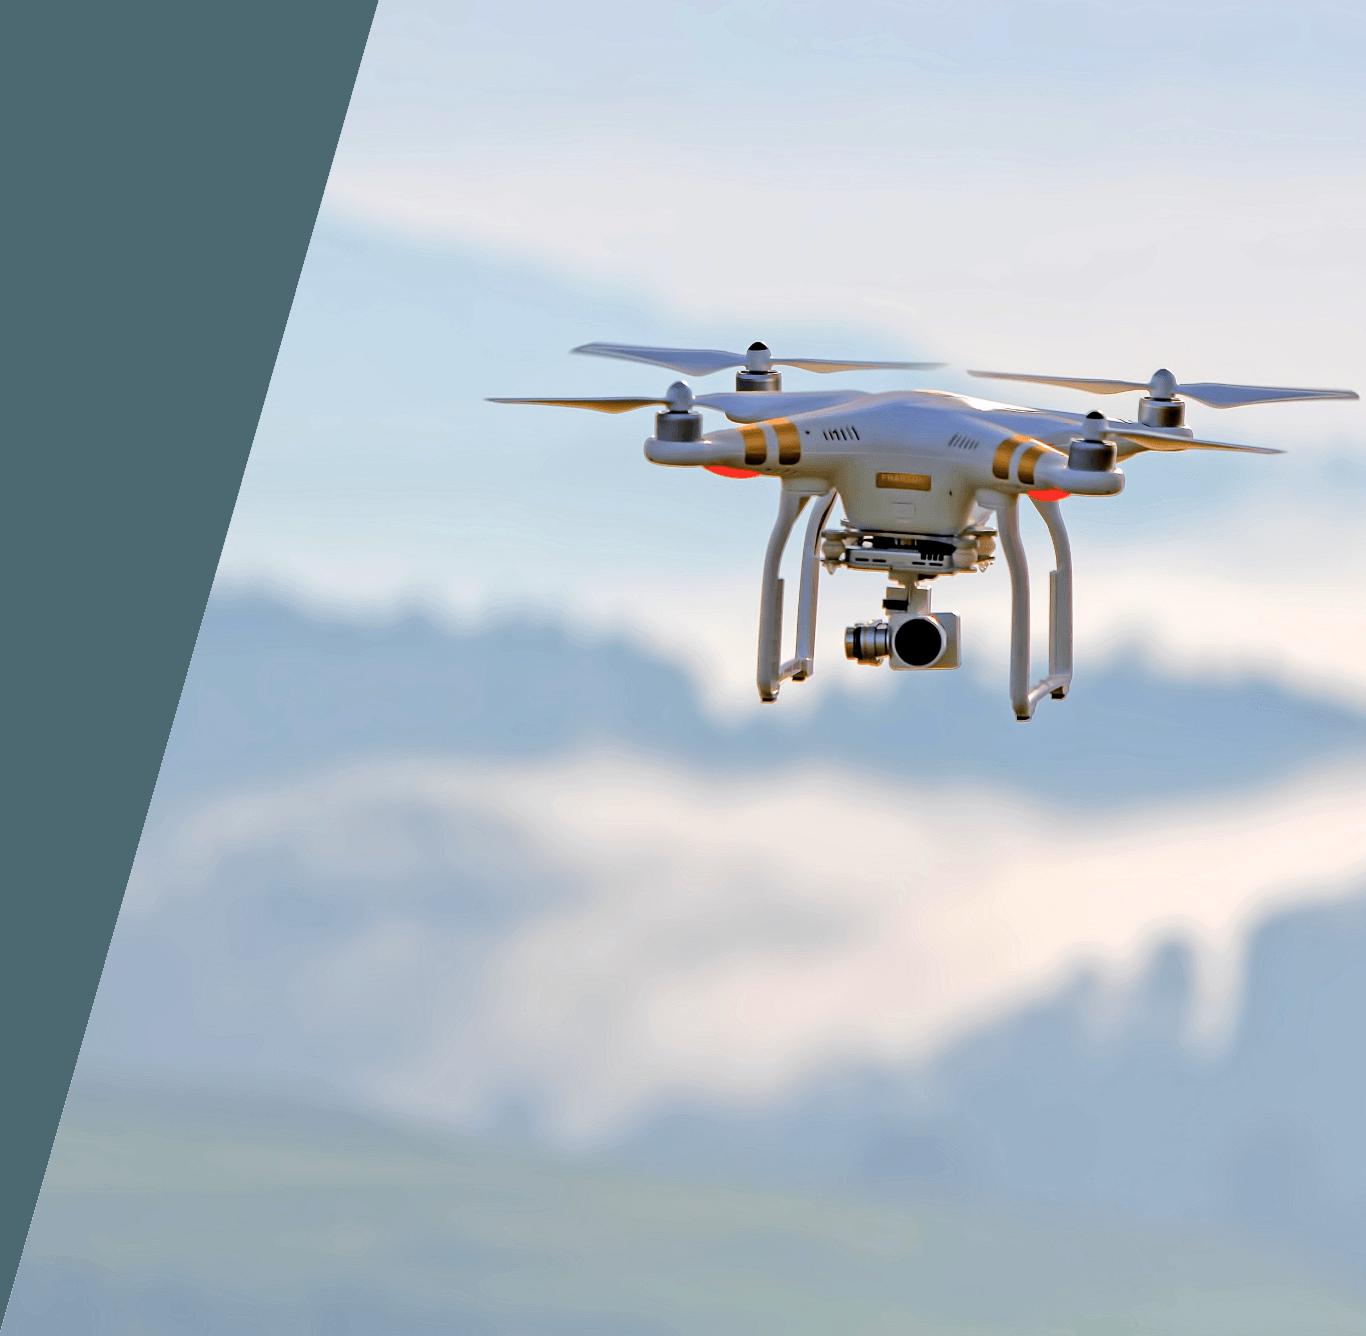 Dron volando y grabando con su cámara